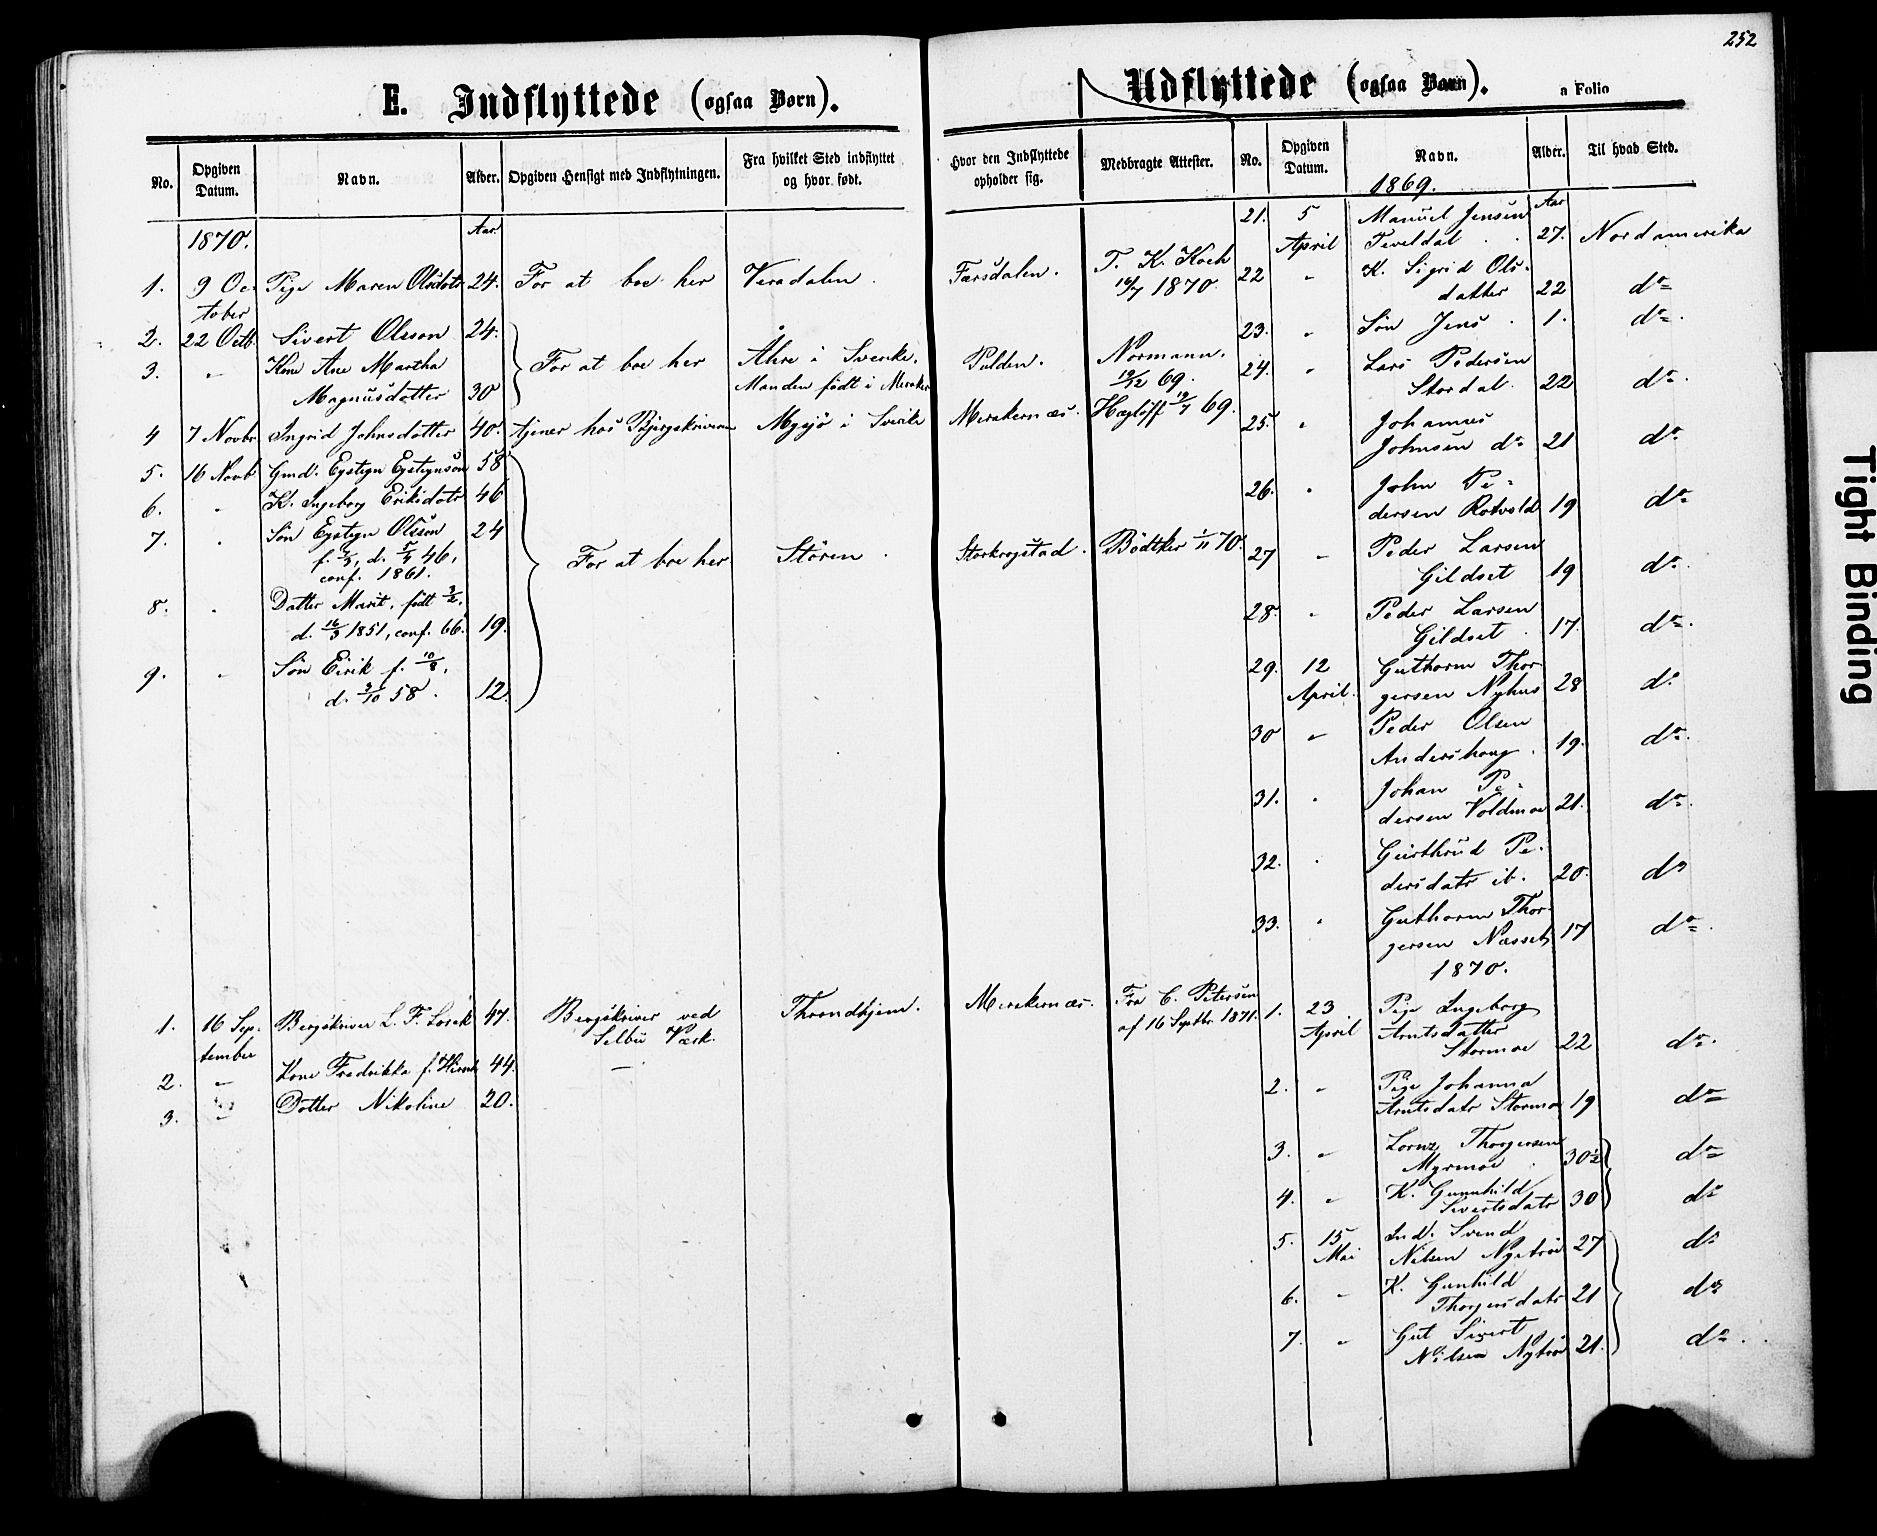 SAT, Ministerialprotokoller, klokkerbøker og fødselsregistre - Nord-Trøndelag, 706/L0049: Klokkerbok nr. 706C01, 1864-1895, s. 252